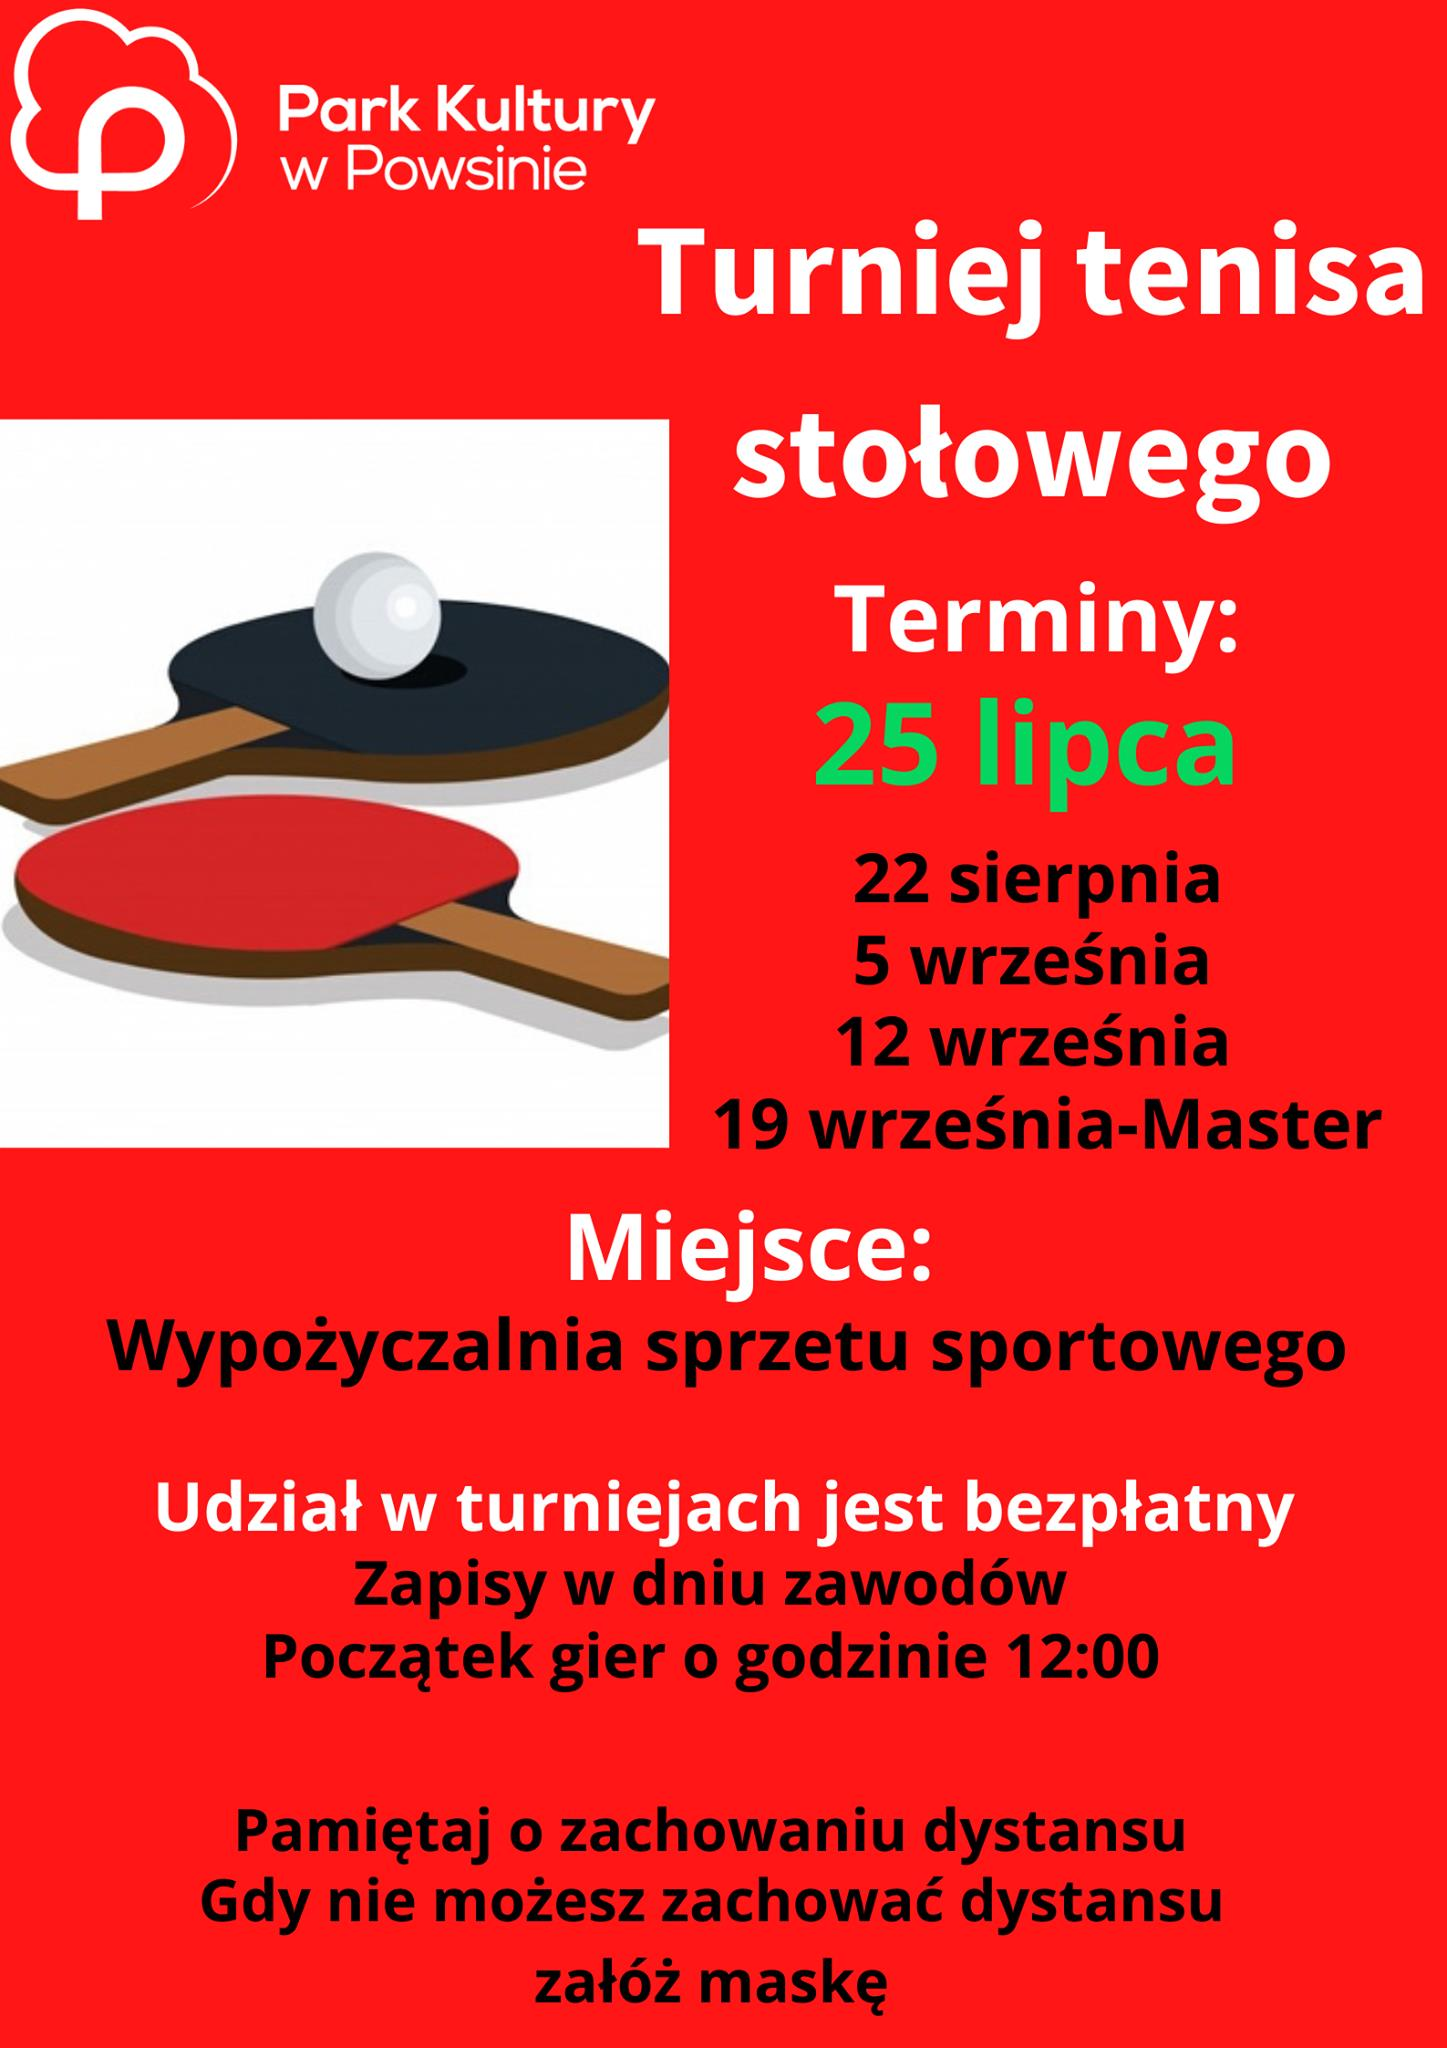 Plakat turnieju Cykl turniejów w tenisie stołowym w Parku Kultury w Powsinie 2020 - 1 termin